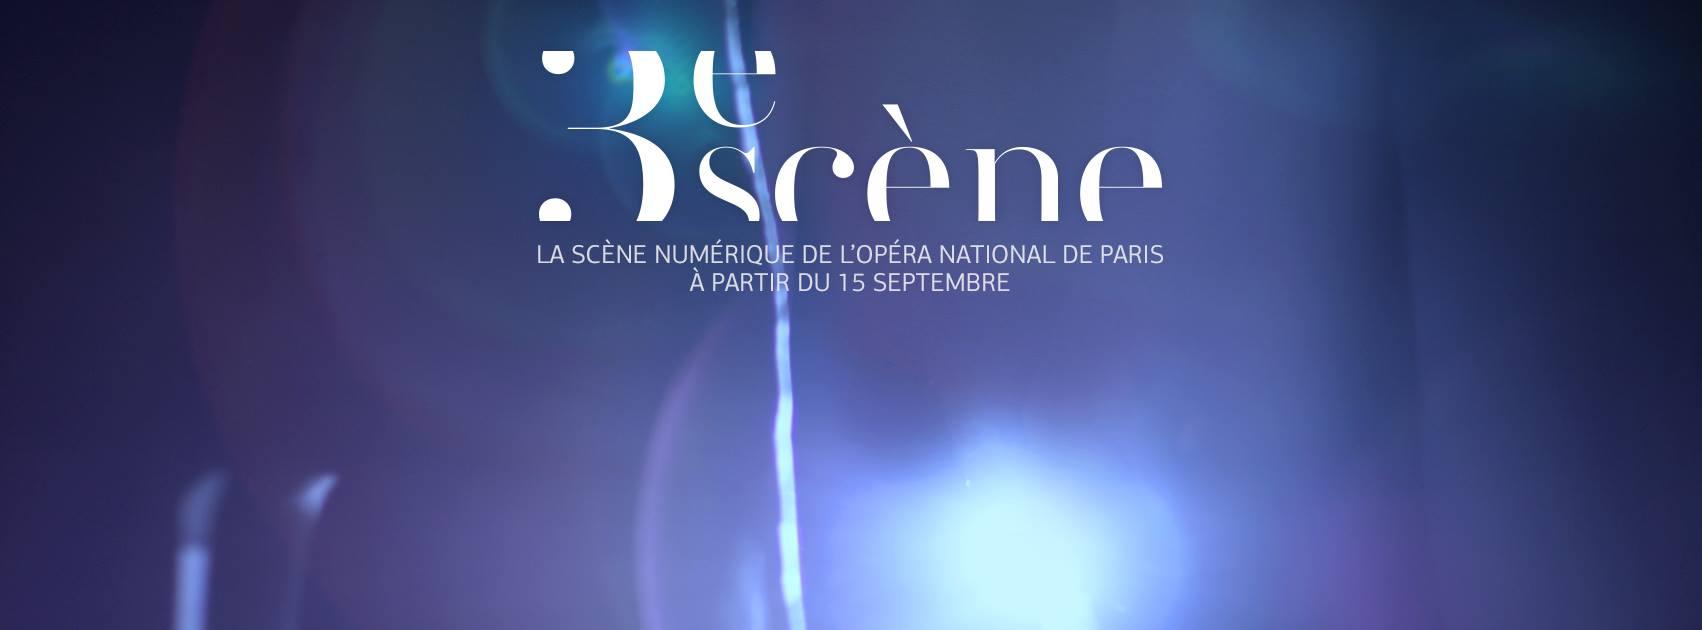 Opéra de Paris 3e scène